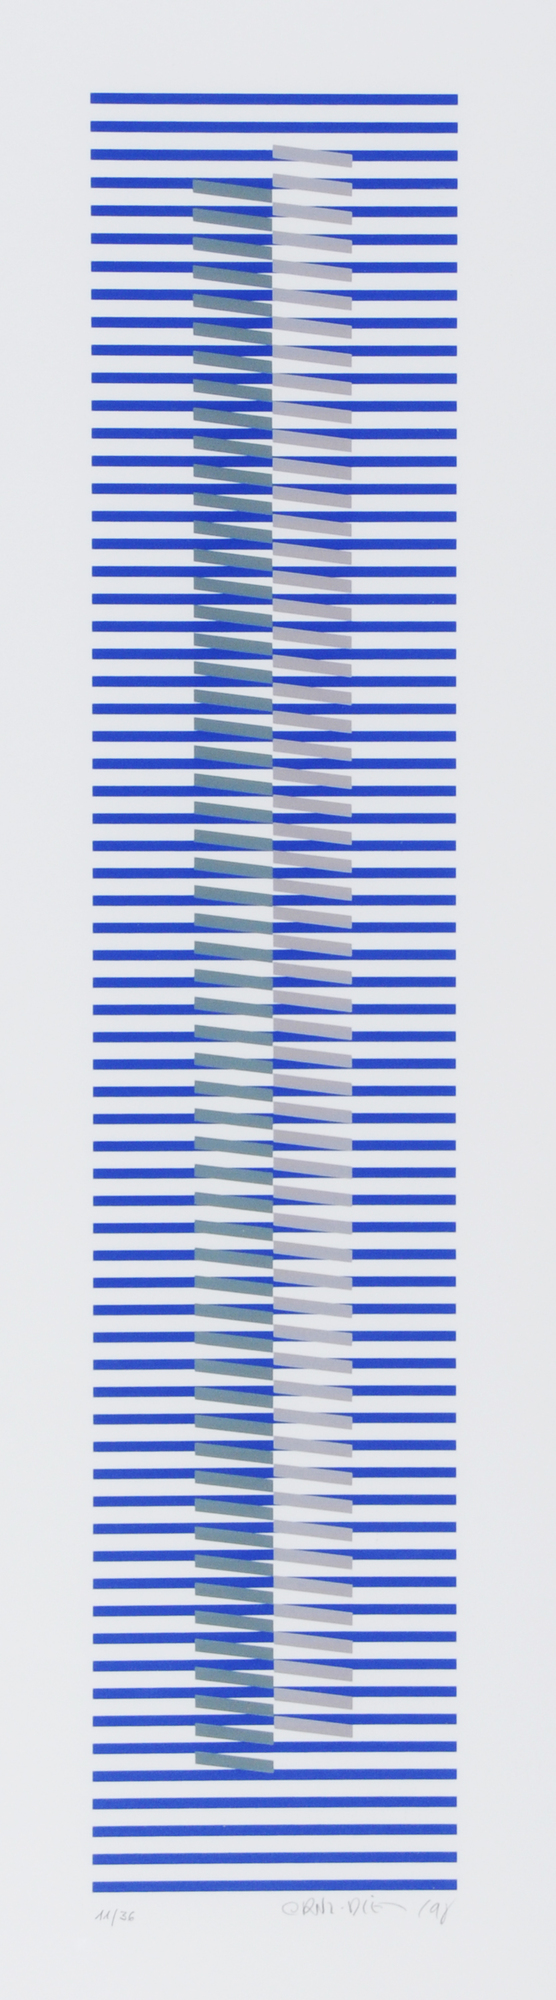 Cruz-Diez Carlos, Induction chromatique à double fréquence - Bailadores 3